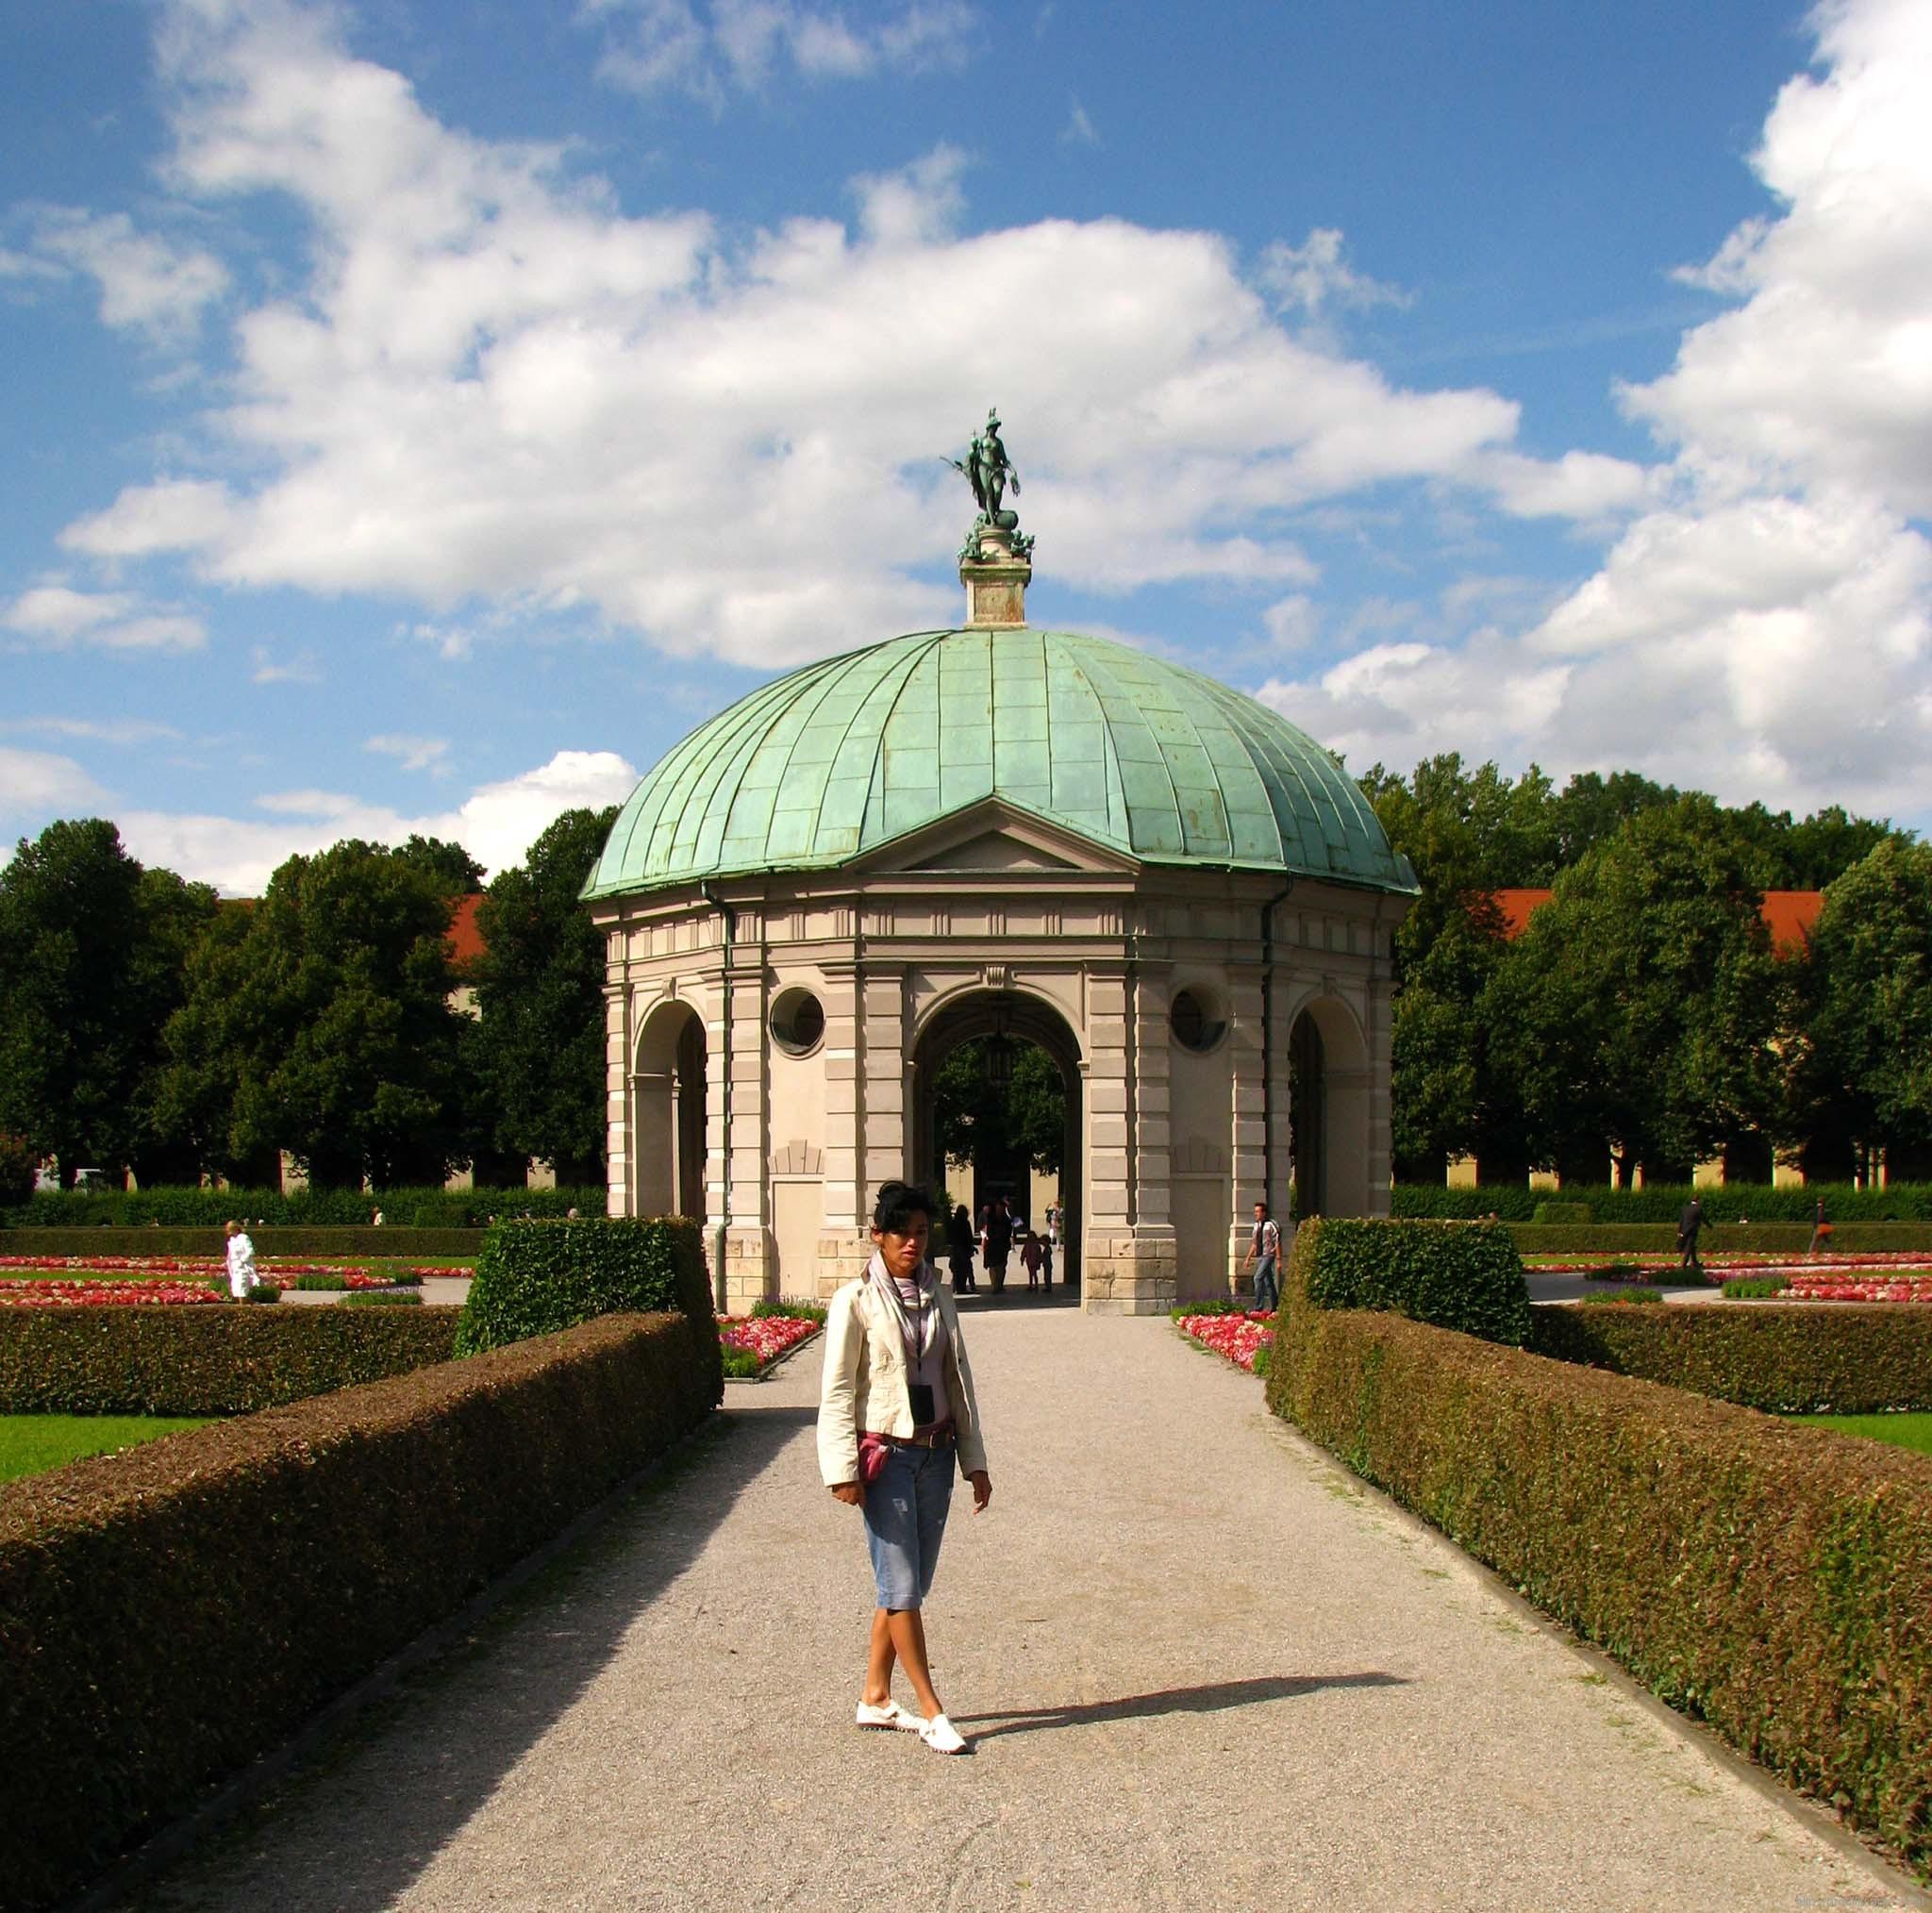 Храм Дианы (Достопримечательности Мюнхена)